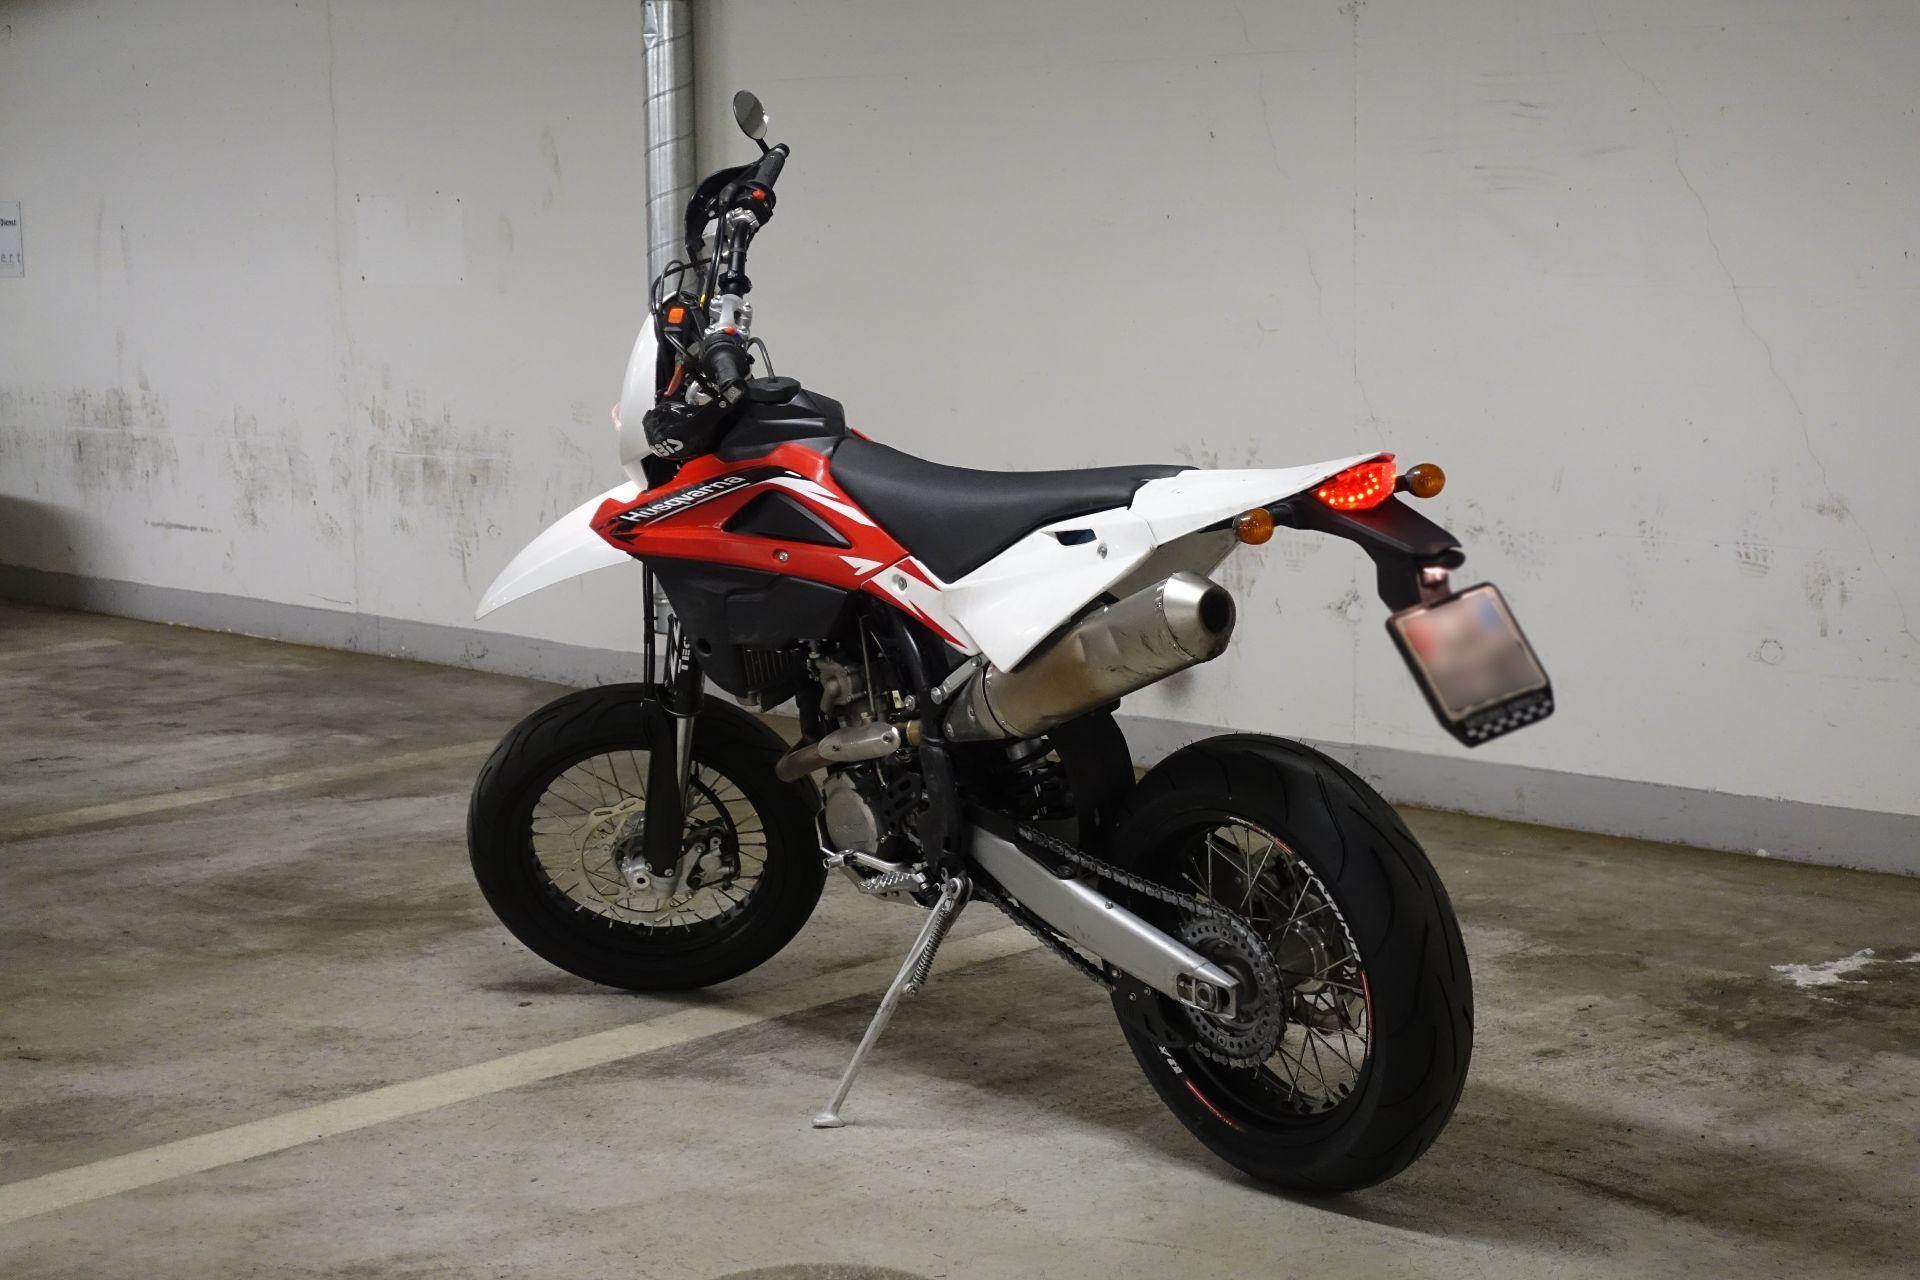 moto occasioni acquistare husqvarna 310 te motobike kriens. Black Bedroom Furniture Sets. Home Design Ideas